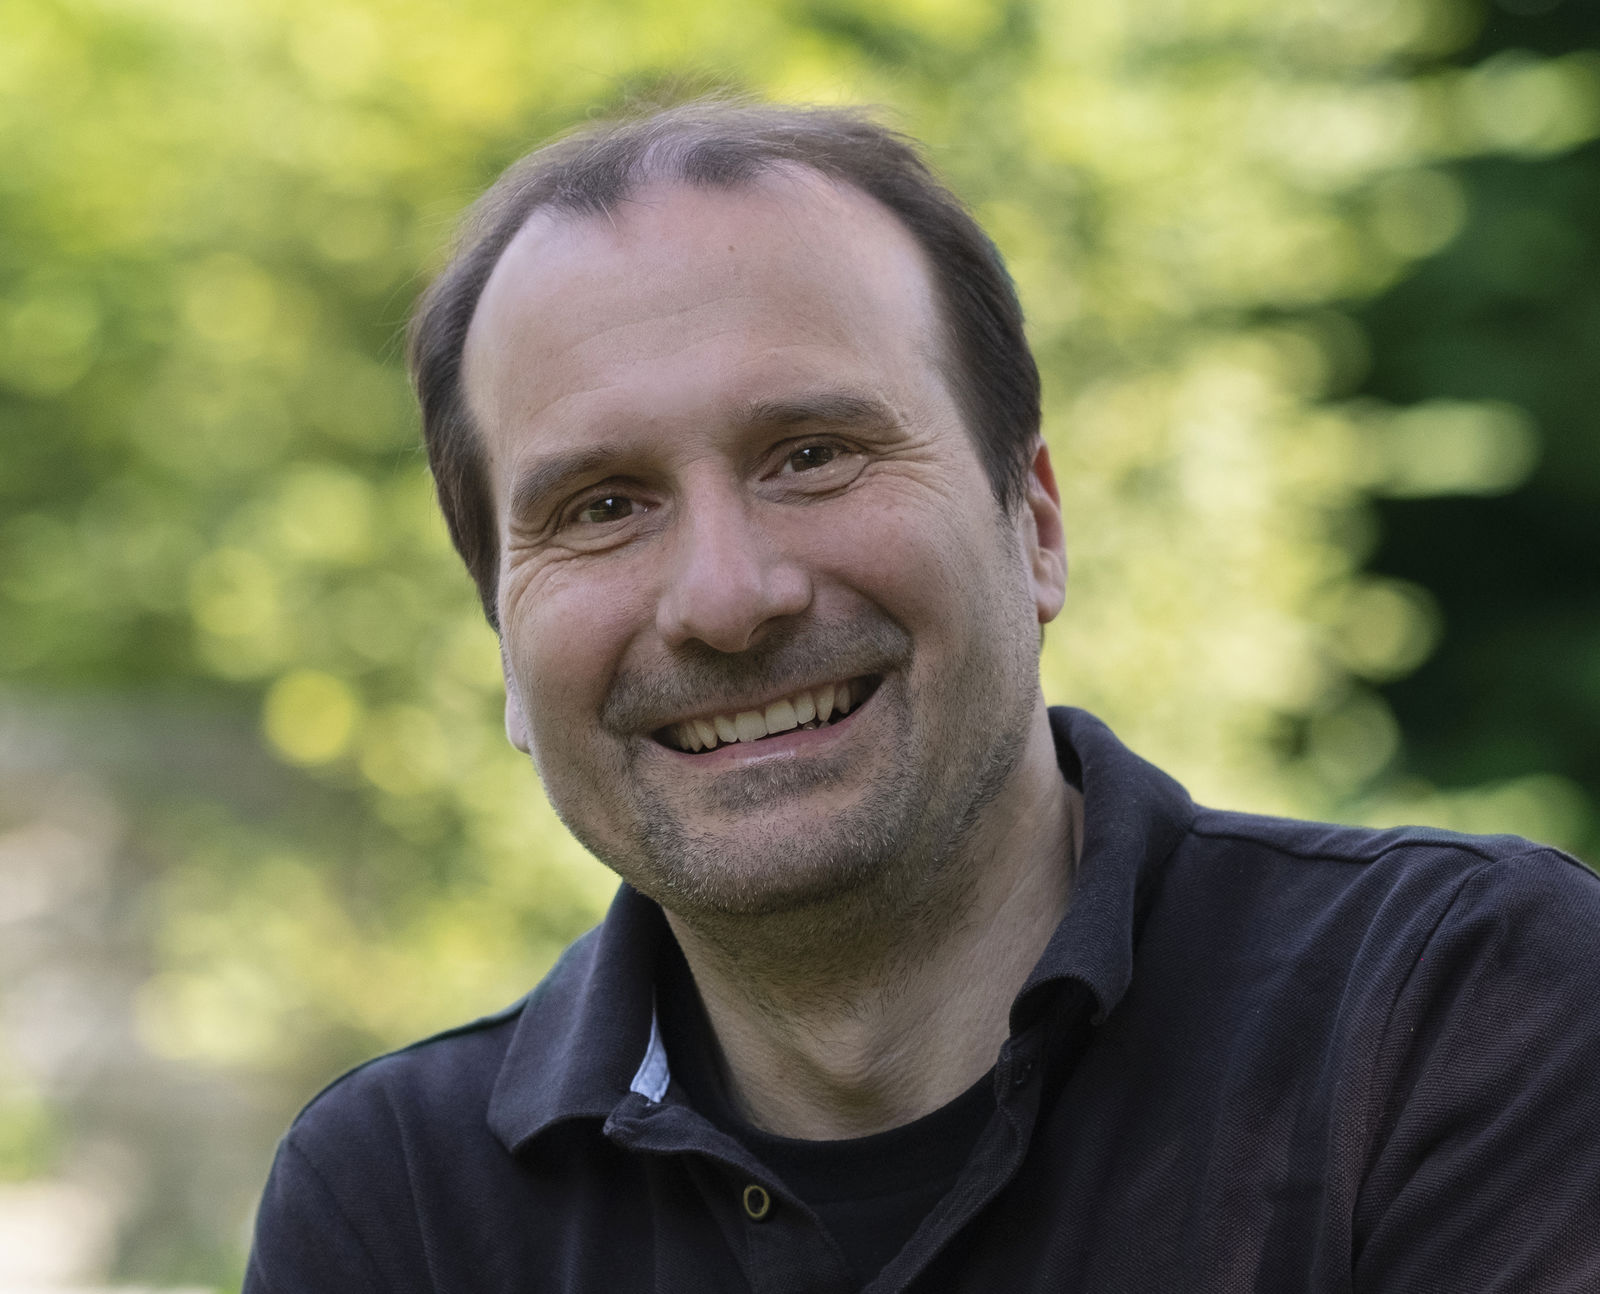 Markus Rothfuss